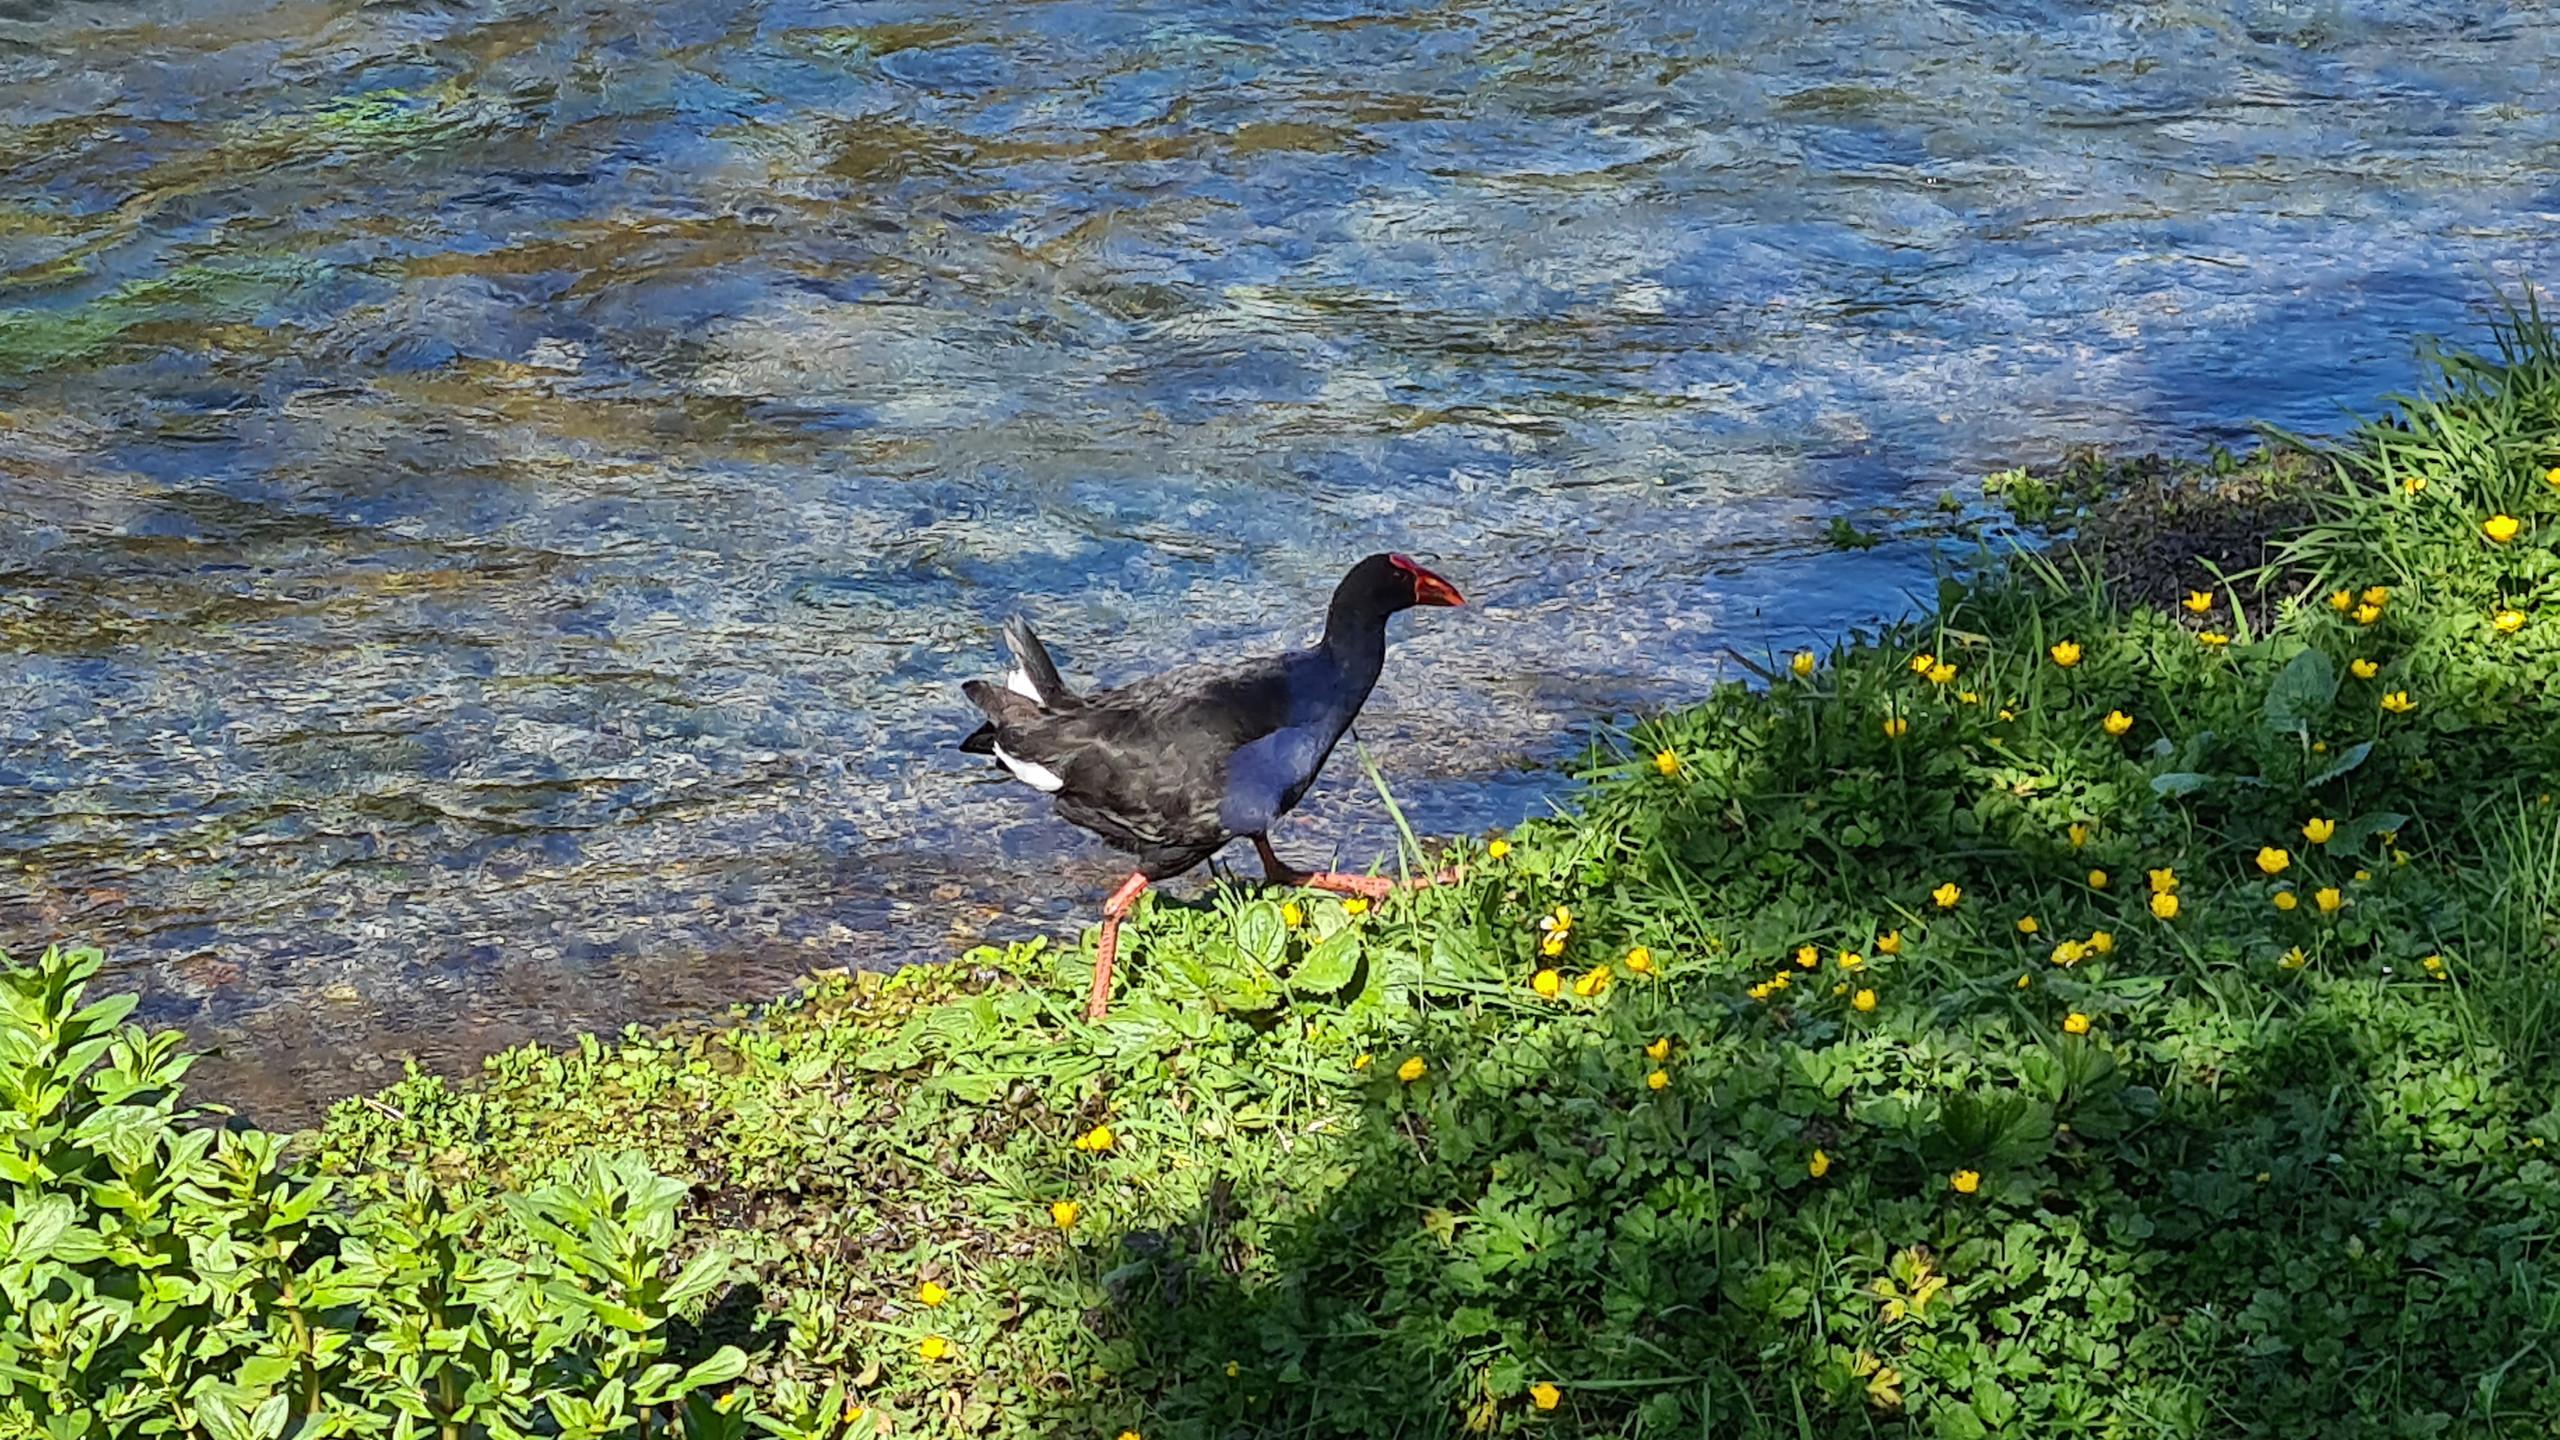 Pukeko bird